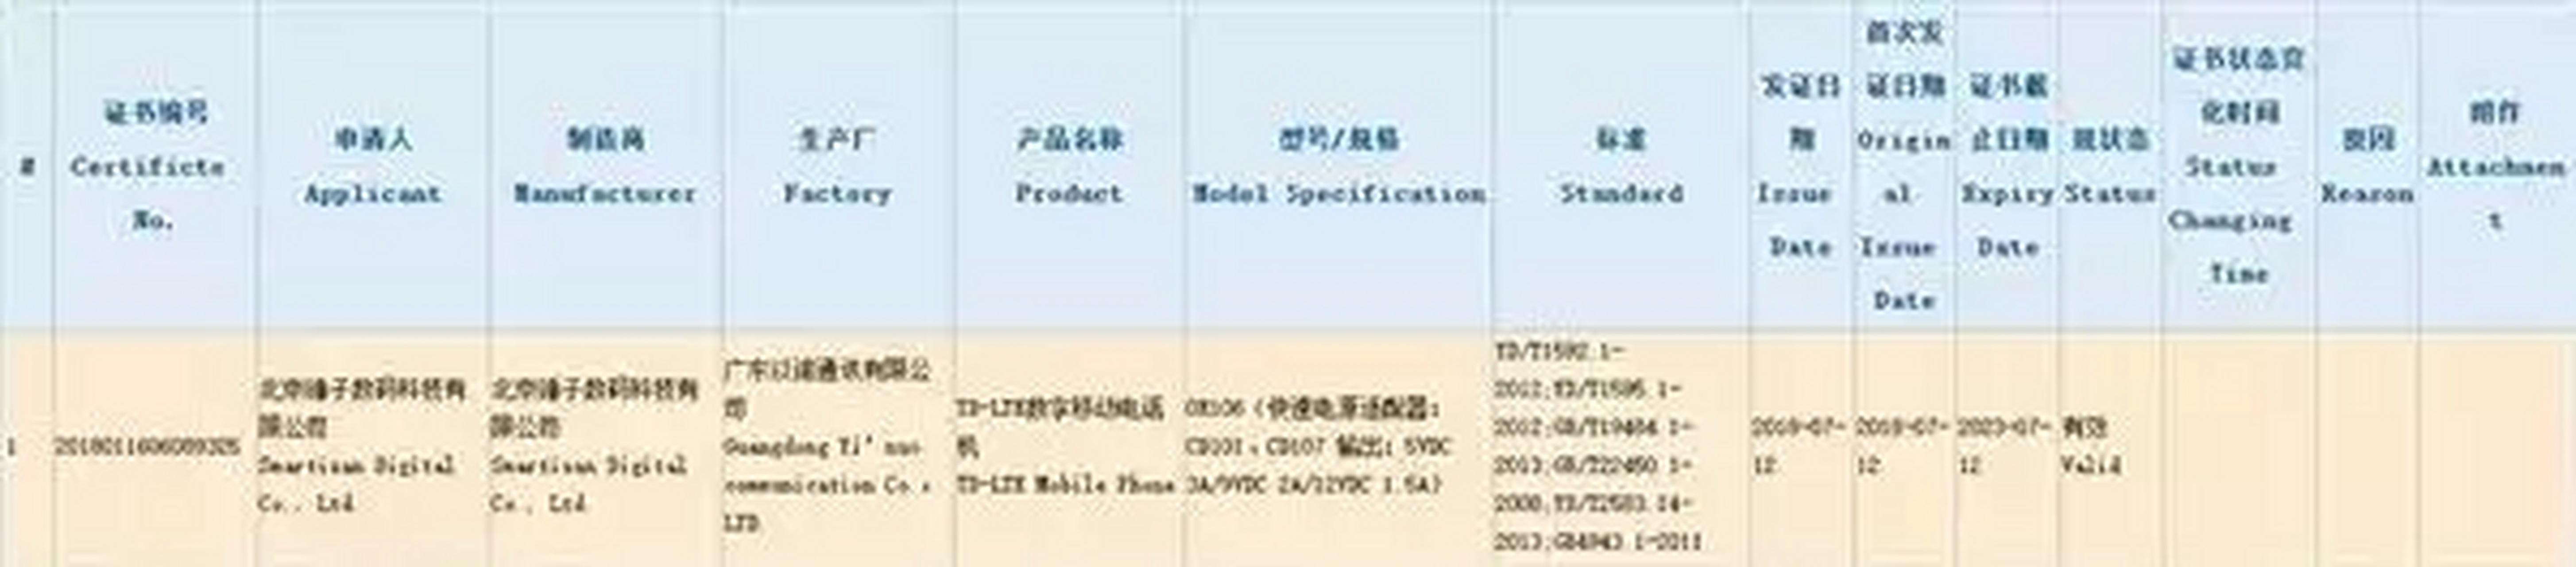 7月13日晚间,一款型号为OE106的新机通过了3C认证。页面显示,该机的发证日期为7月12